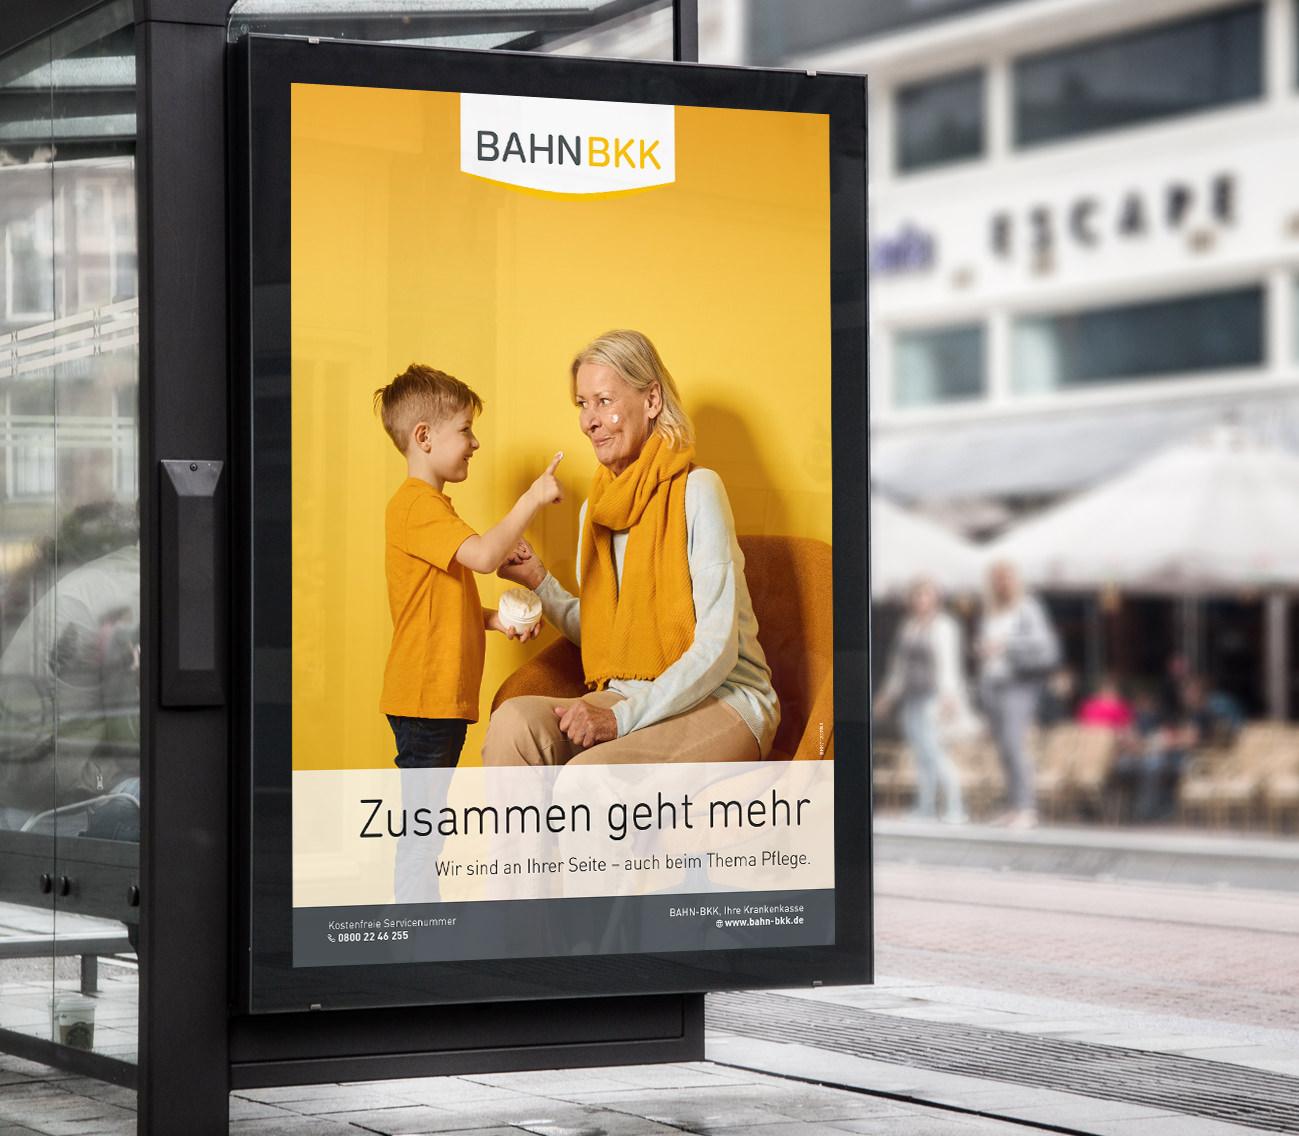 Imagekampagne 05 (BAHN-BKK, Marke)